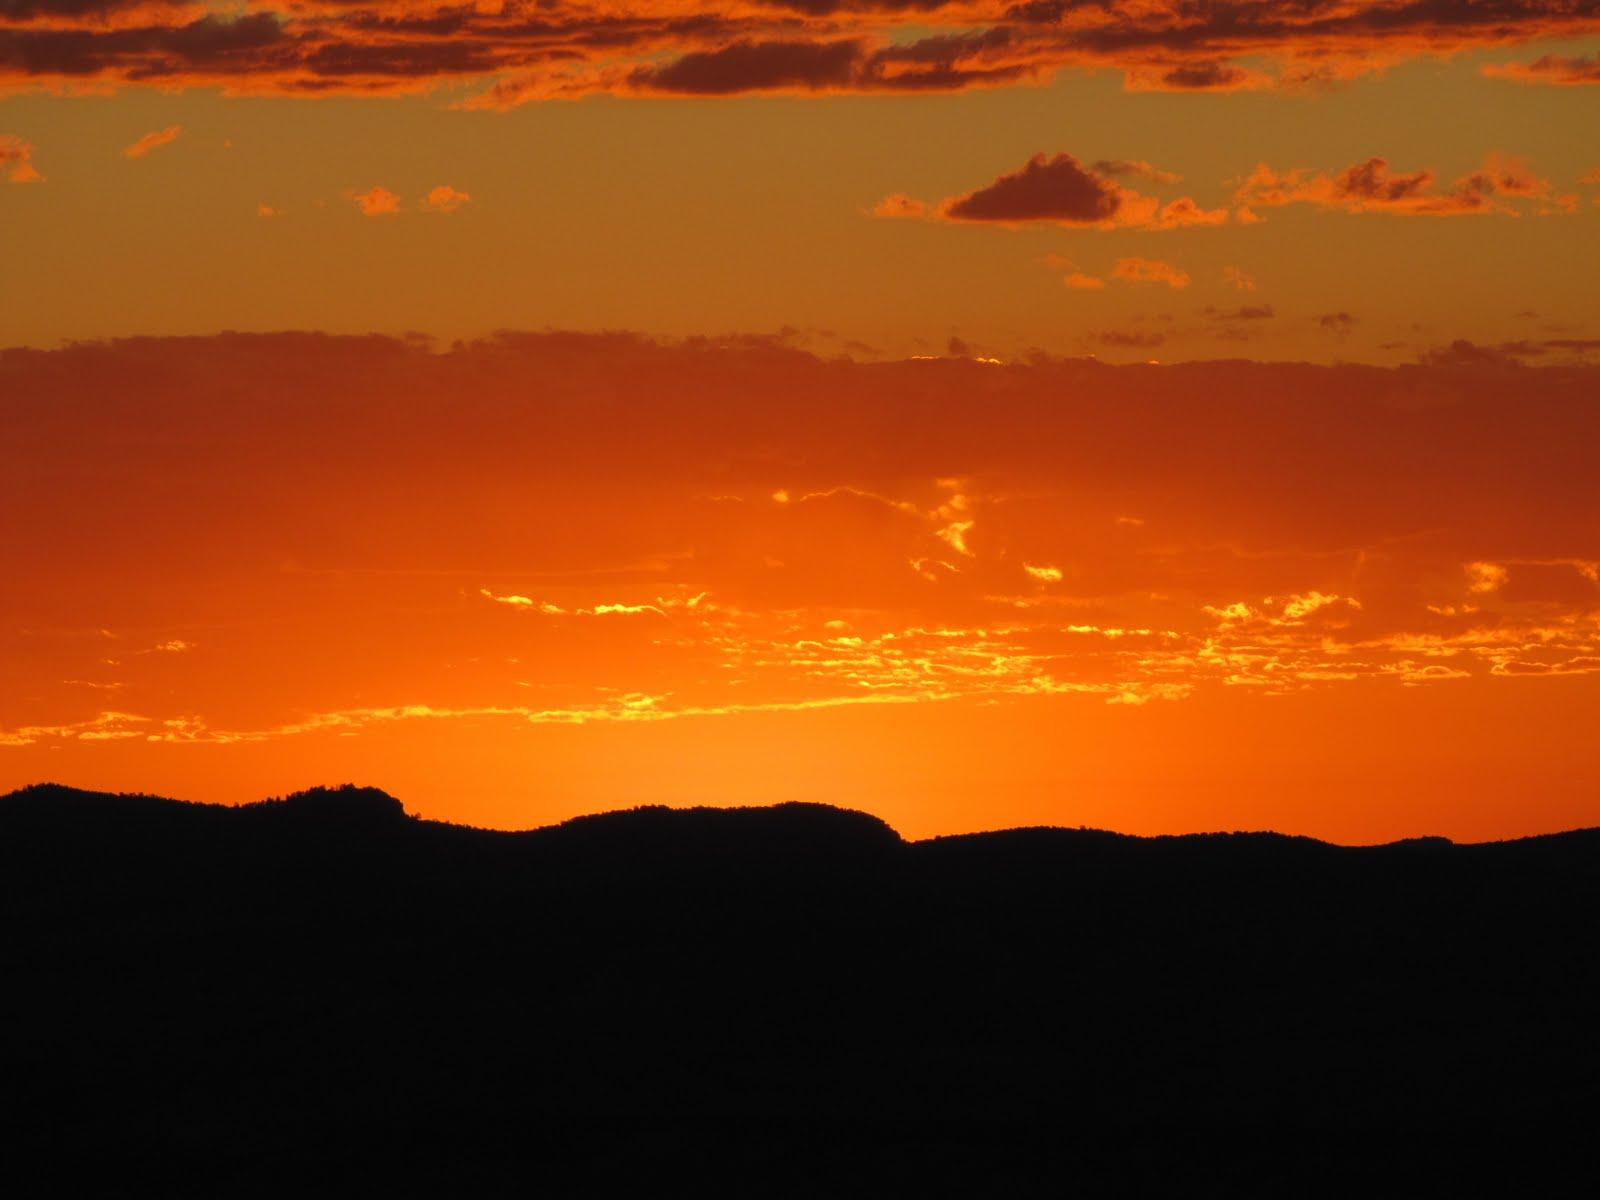 Orange Country